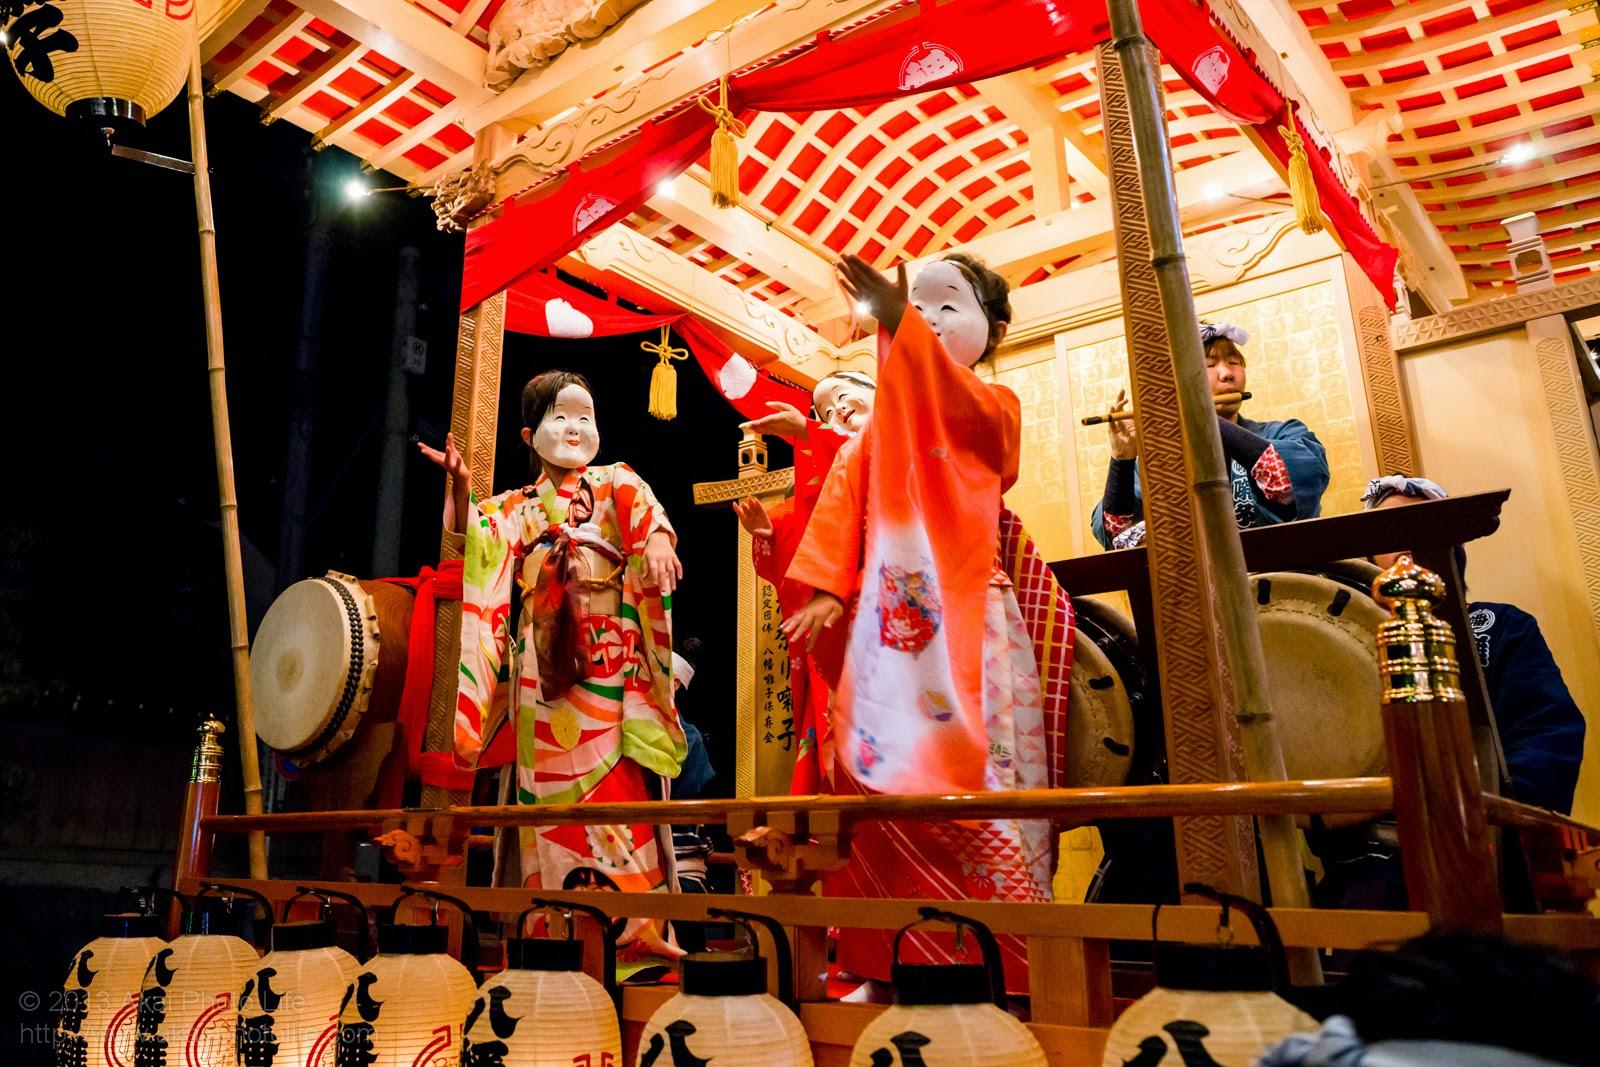 平井のお祭り、山車に乗っているおかめ